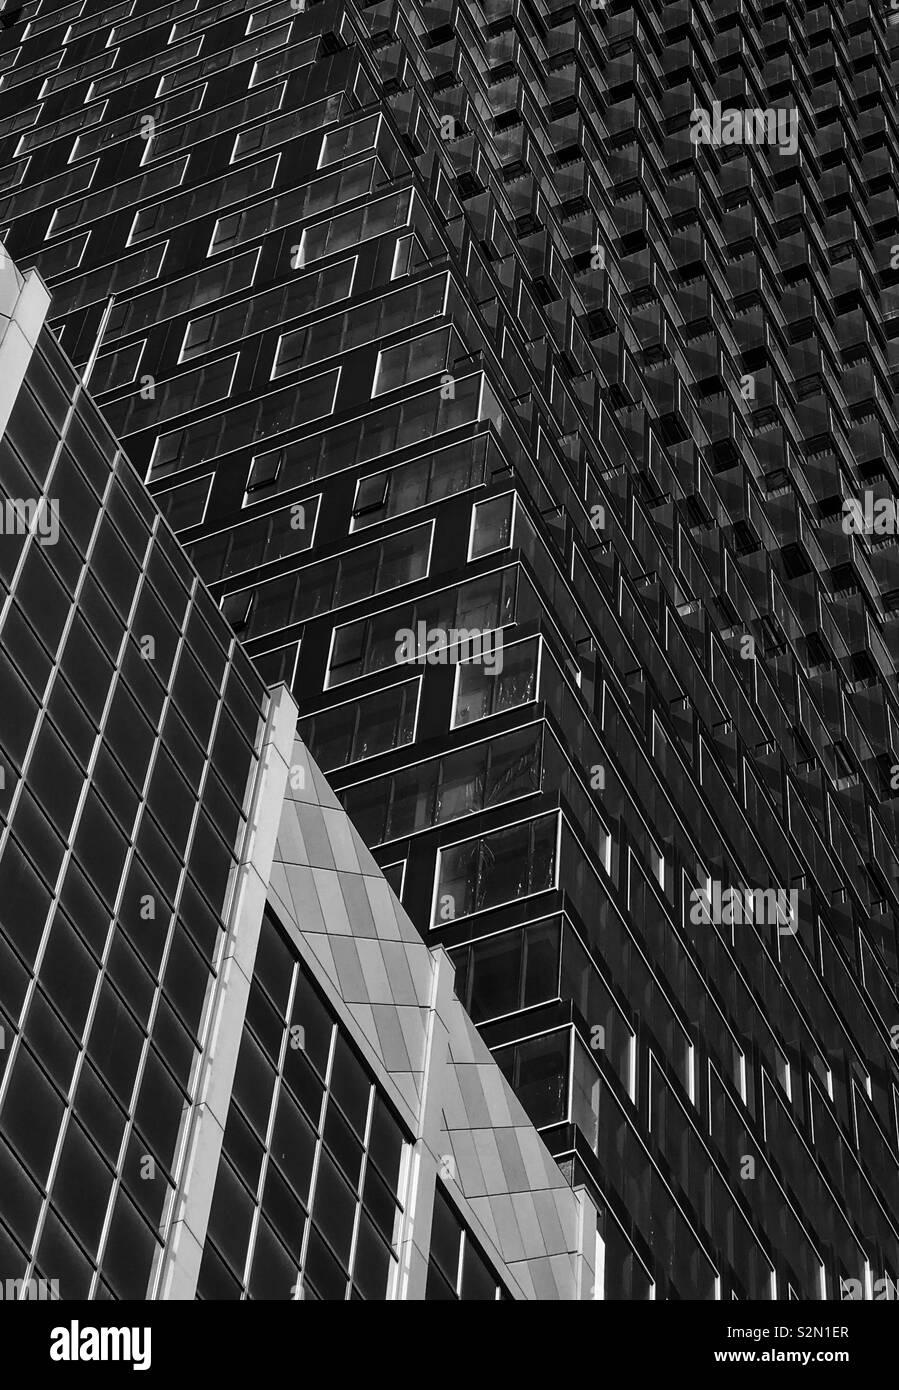 La arquitectura abstracta en monocromo. Los edificios en el centro de Calgary, Alberta, Canadá. Foto de stock